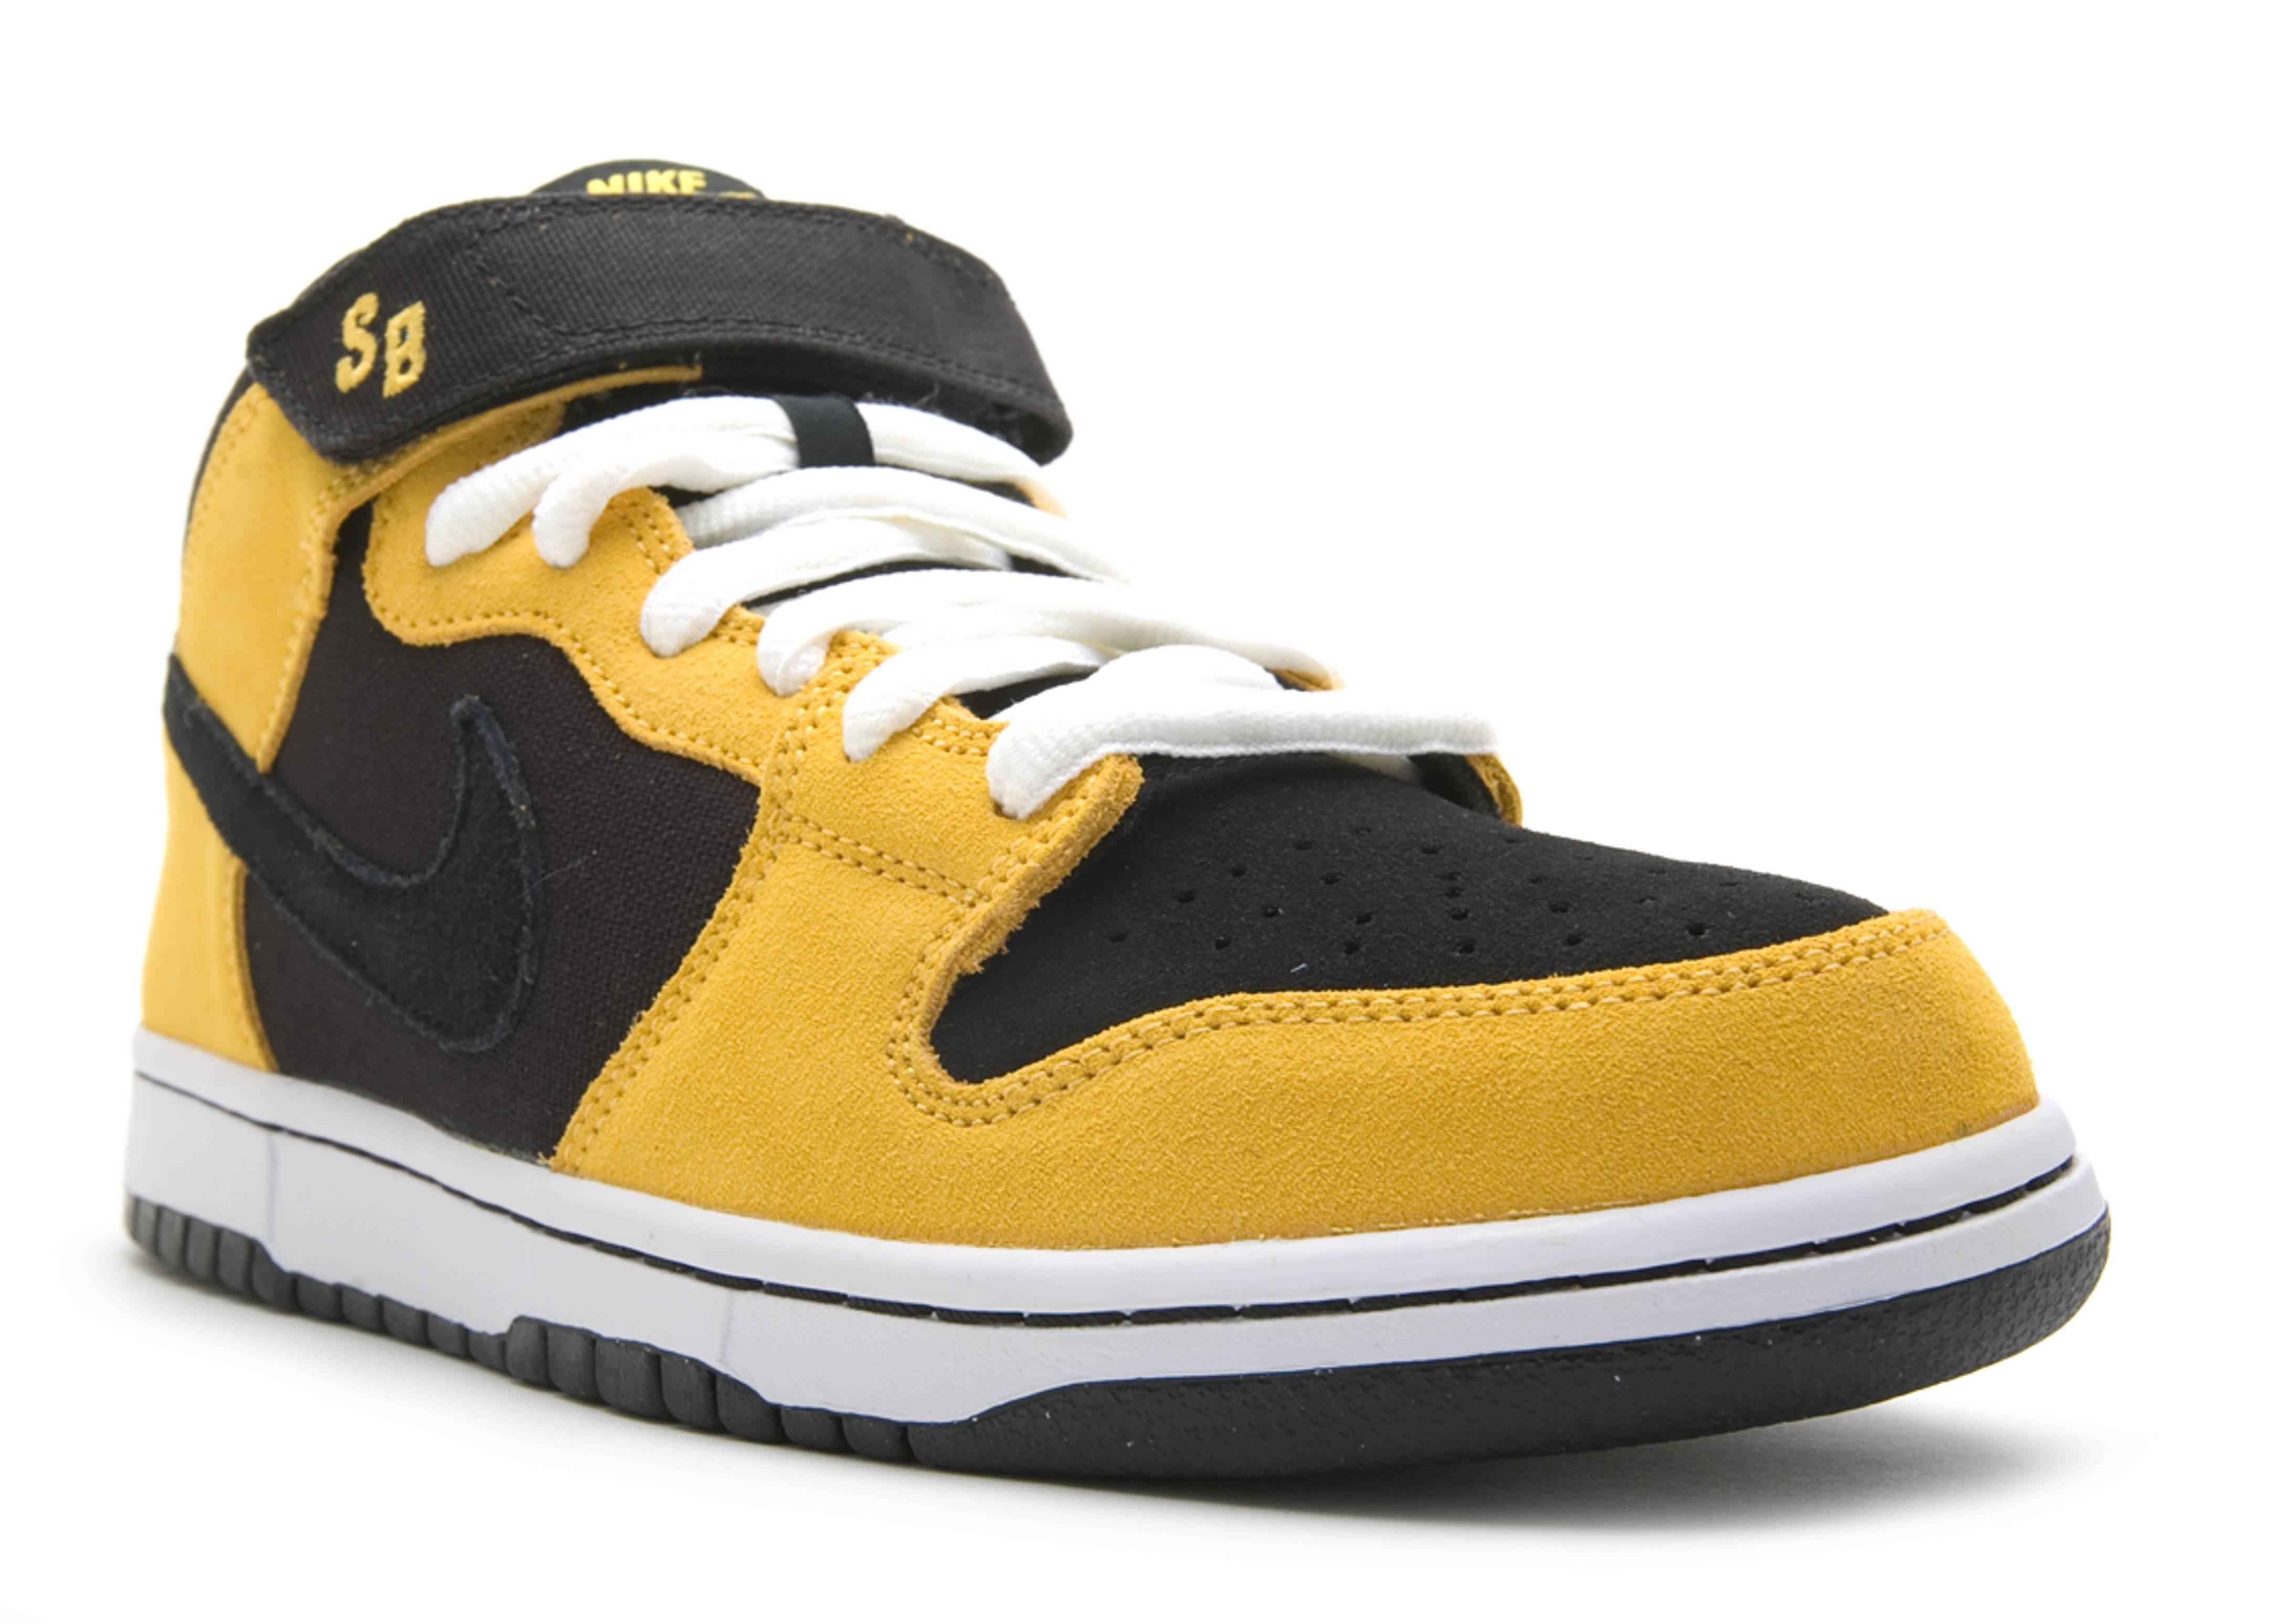 sneakers for cheap 48963 ec061 dunk mid pro sb nike. dunk mid pro sb eBay Marketplace Logo Nike Wu Tang  DUNK MID PRO SB Black Varsity ...